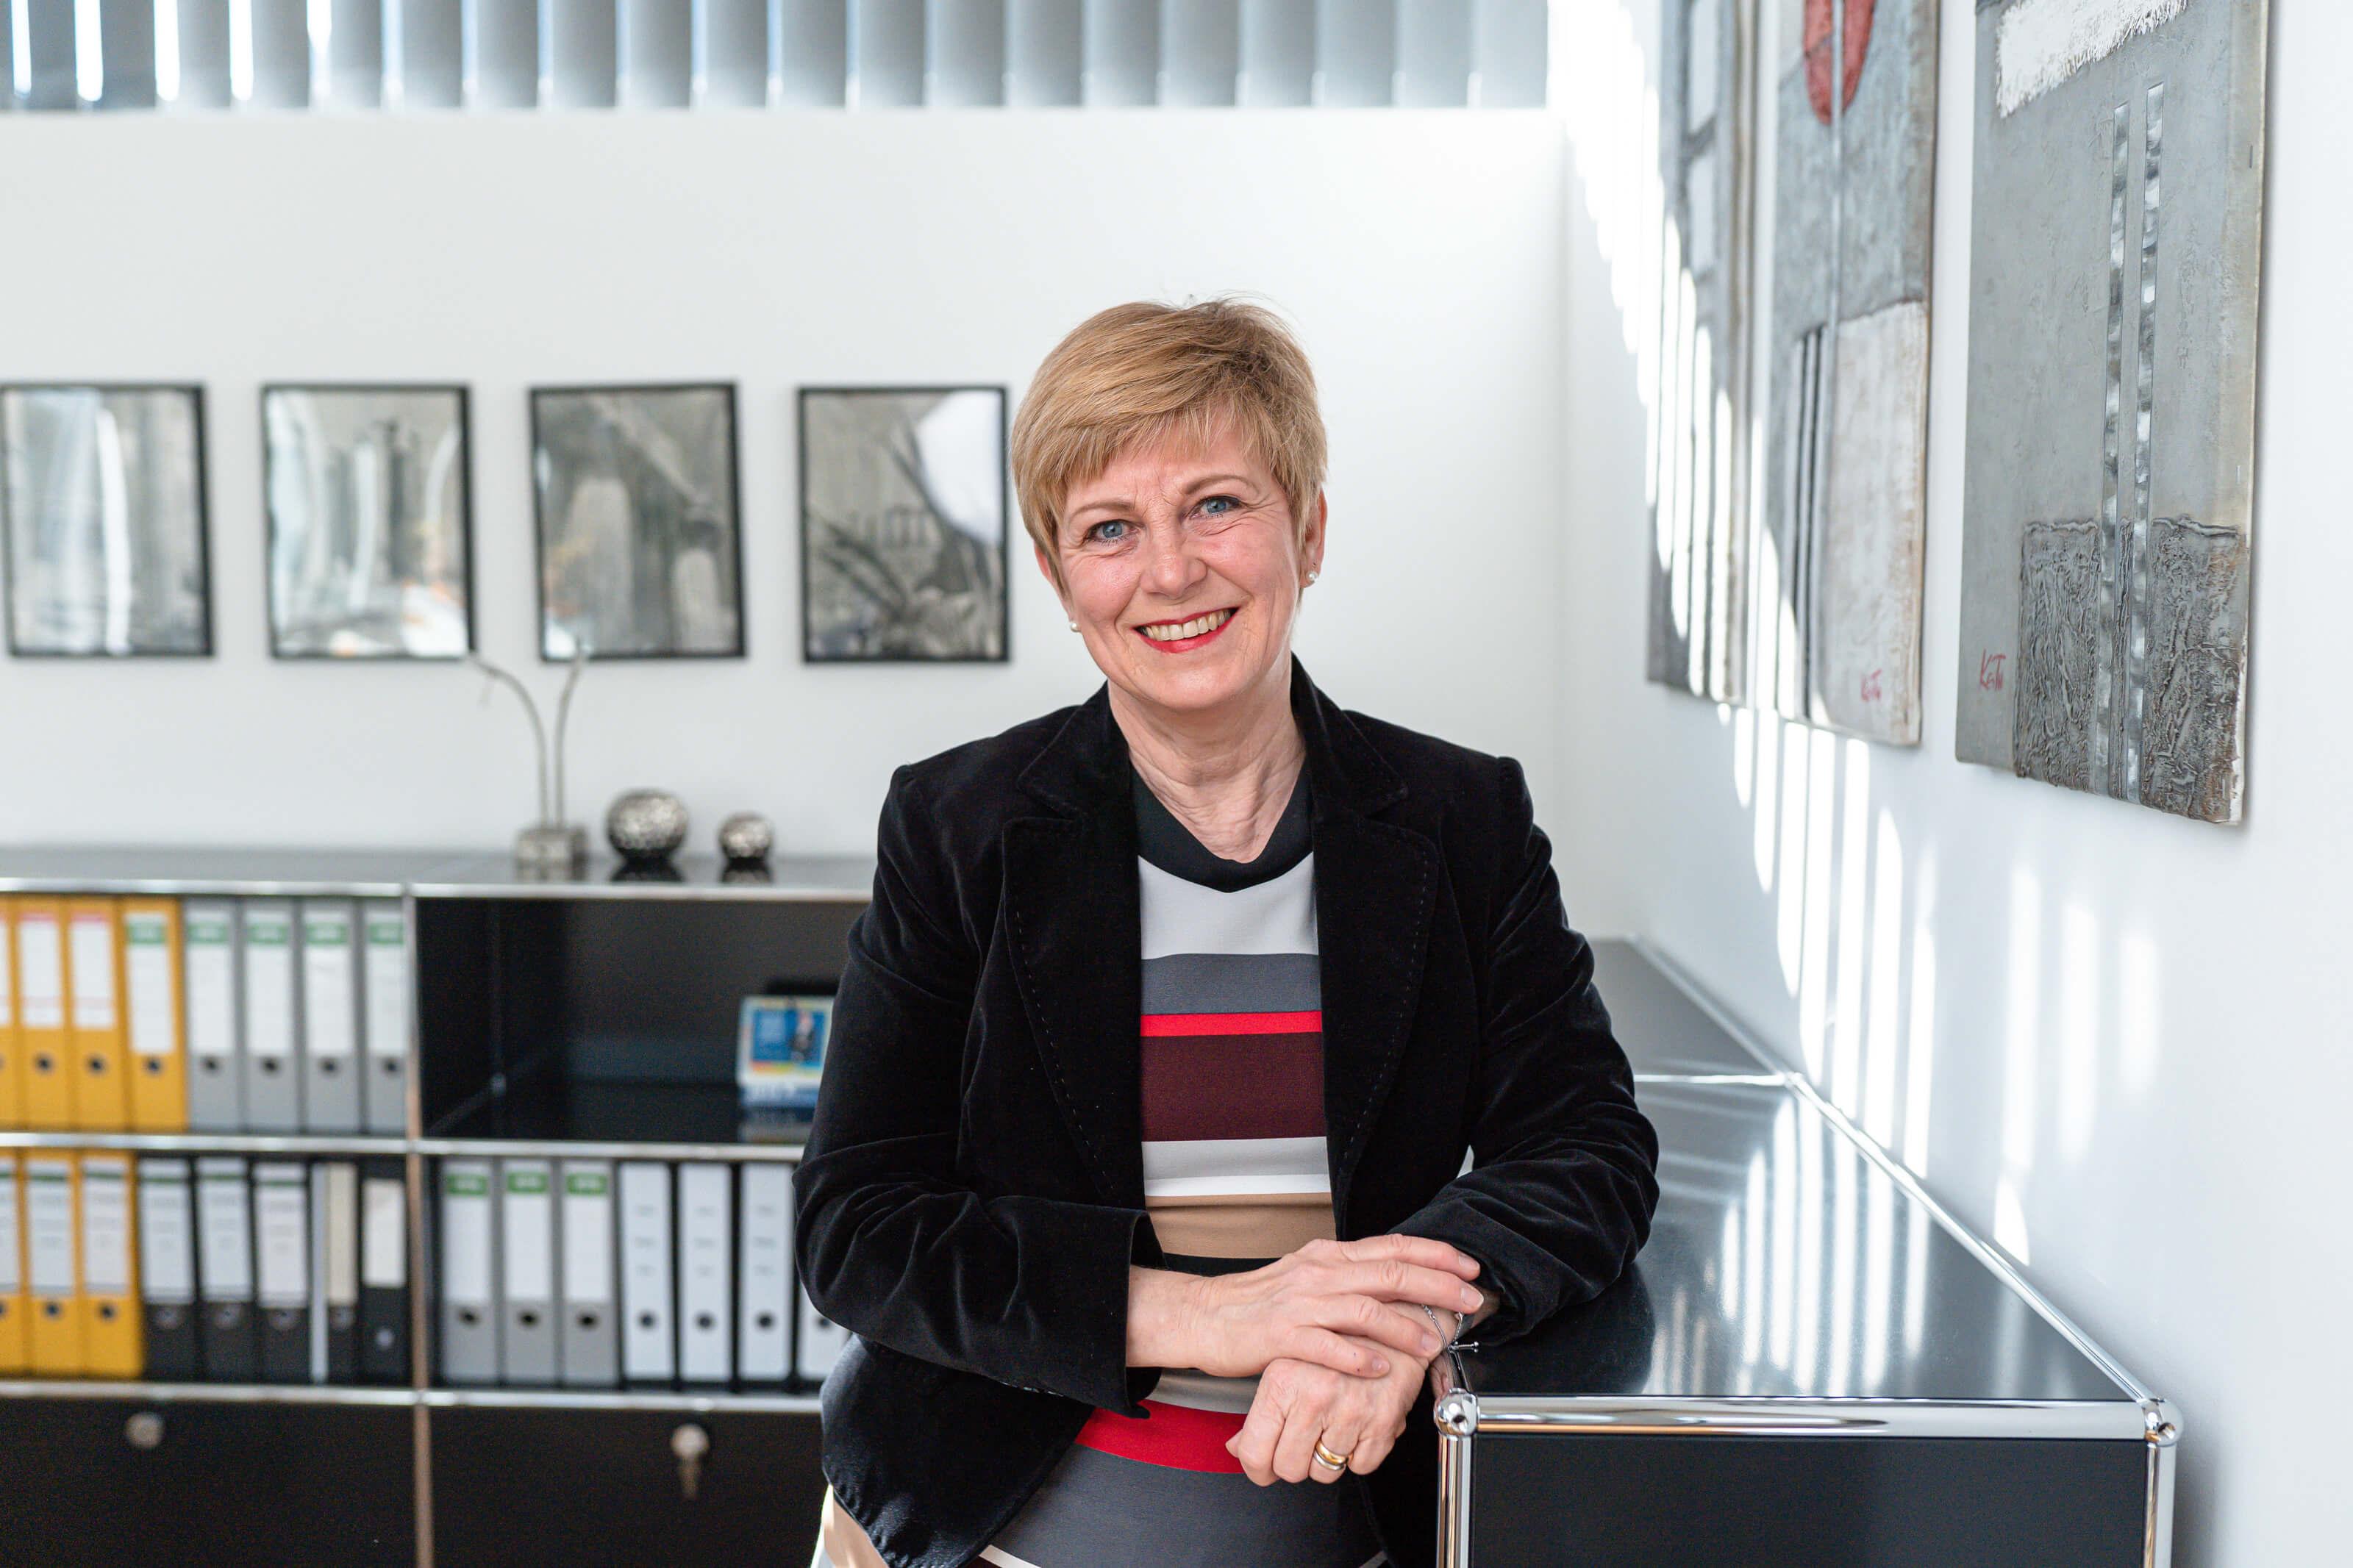 Birgit Voltmer - verantwortlich für die Hausverwaltung bei Voltmer Immobilien - steht im Büro